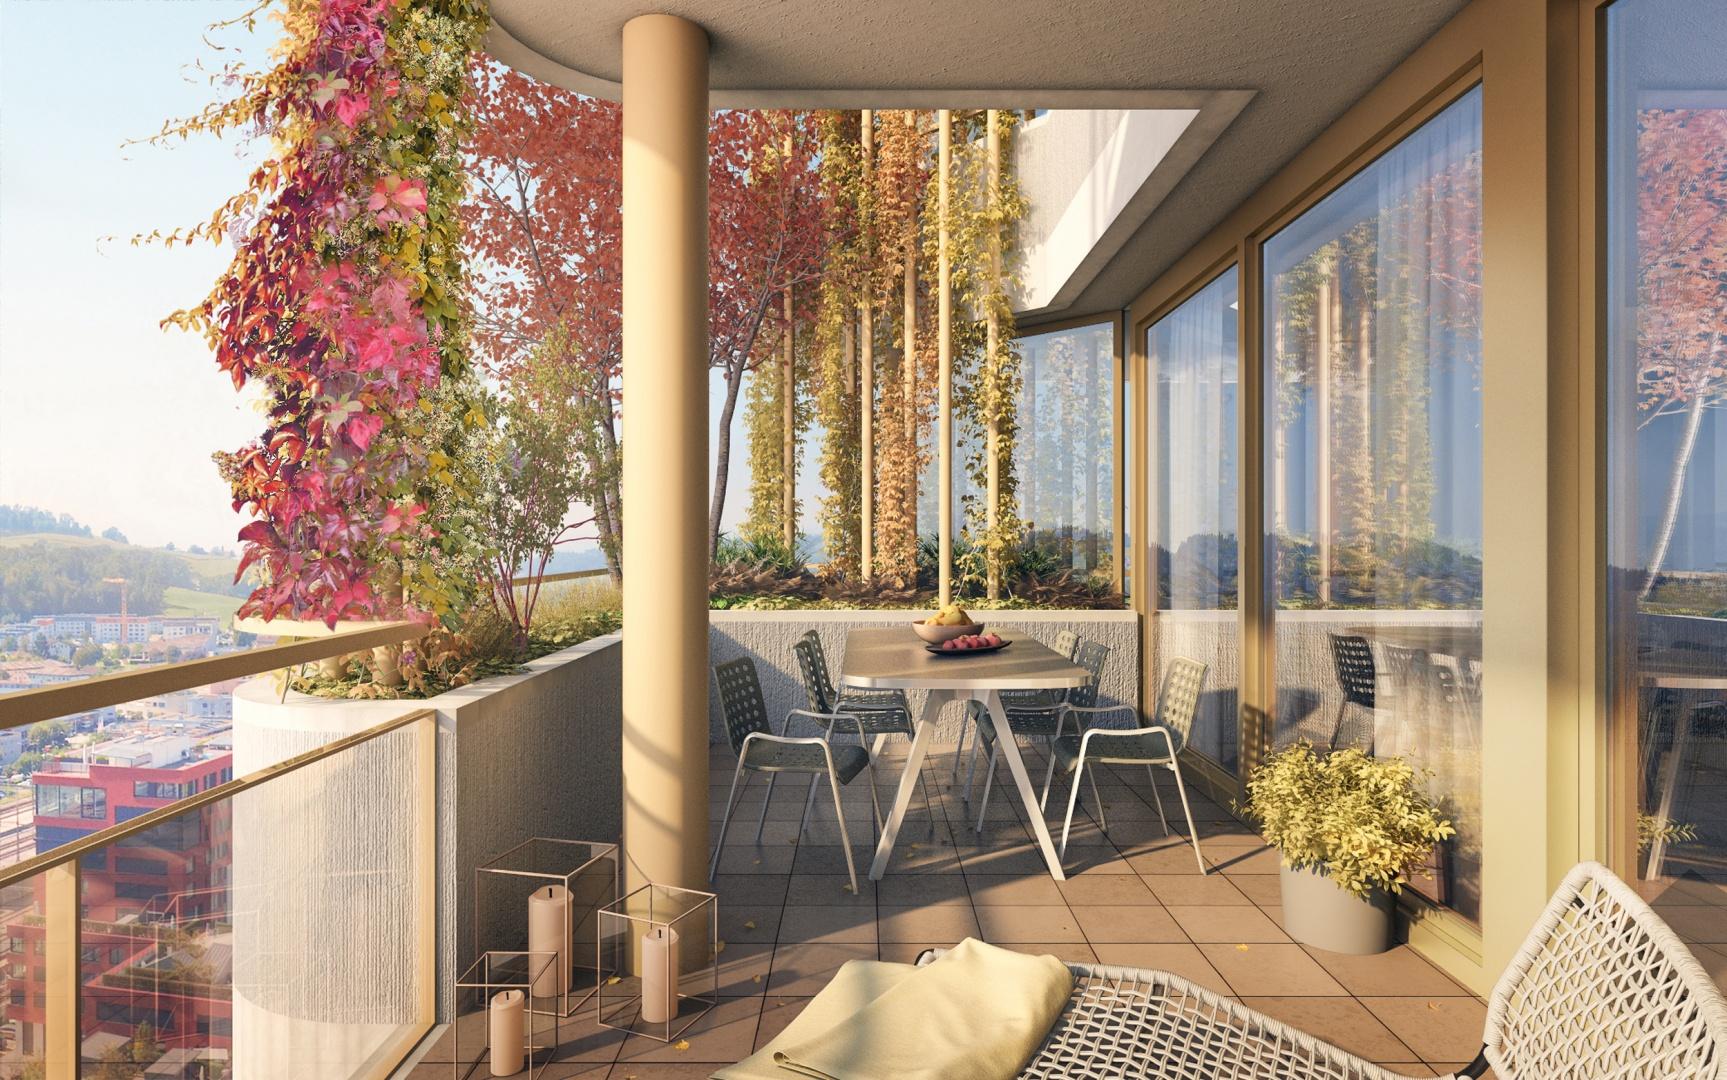 Balkonbegrünung Herbst © Raumgleiter GmbH, Pfingstweidstrasse 106, 8005 Zürich